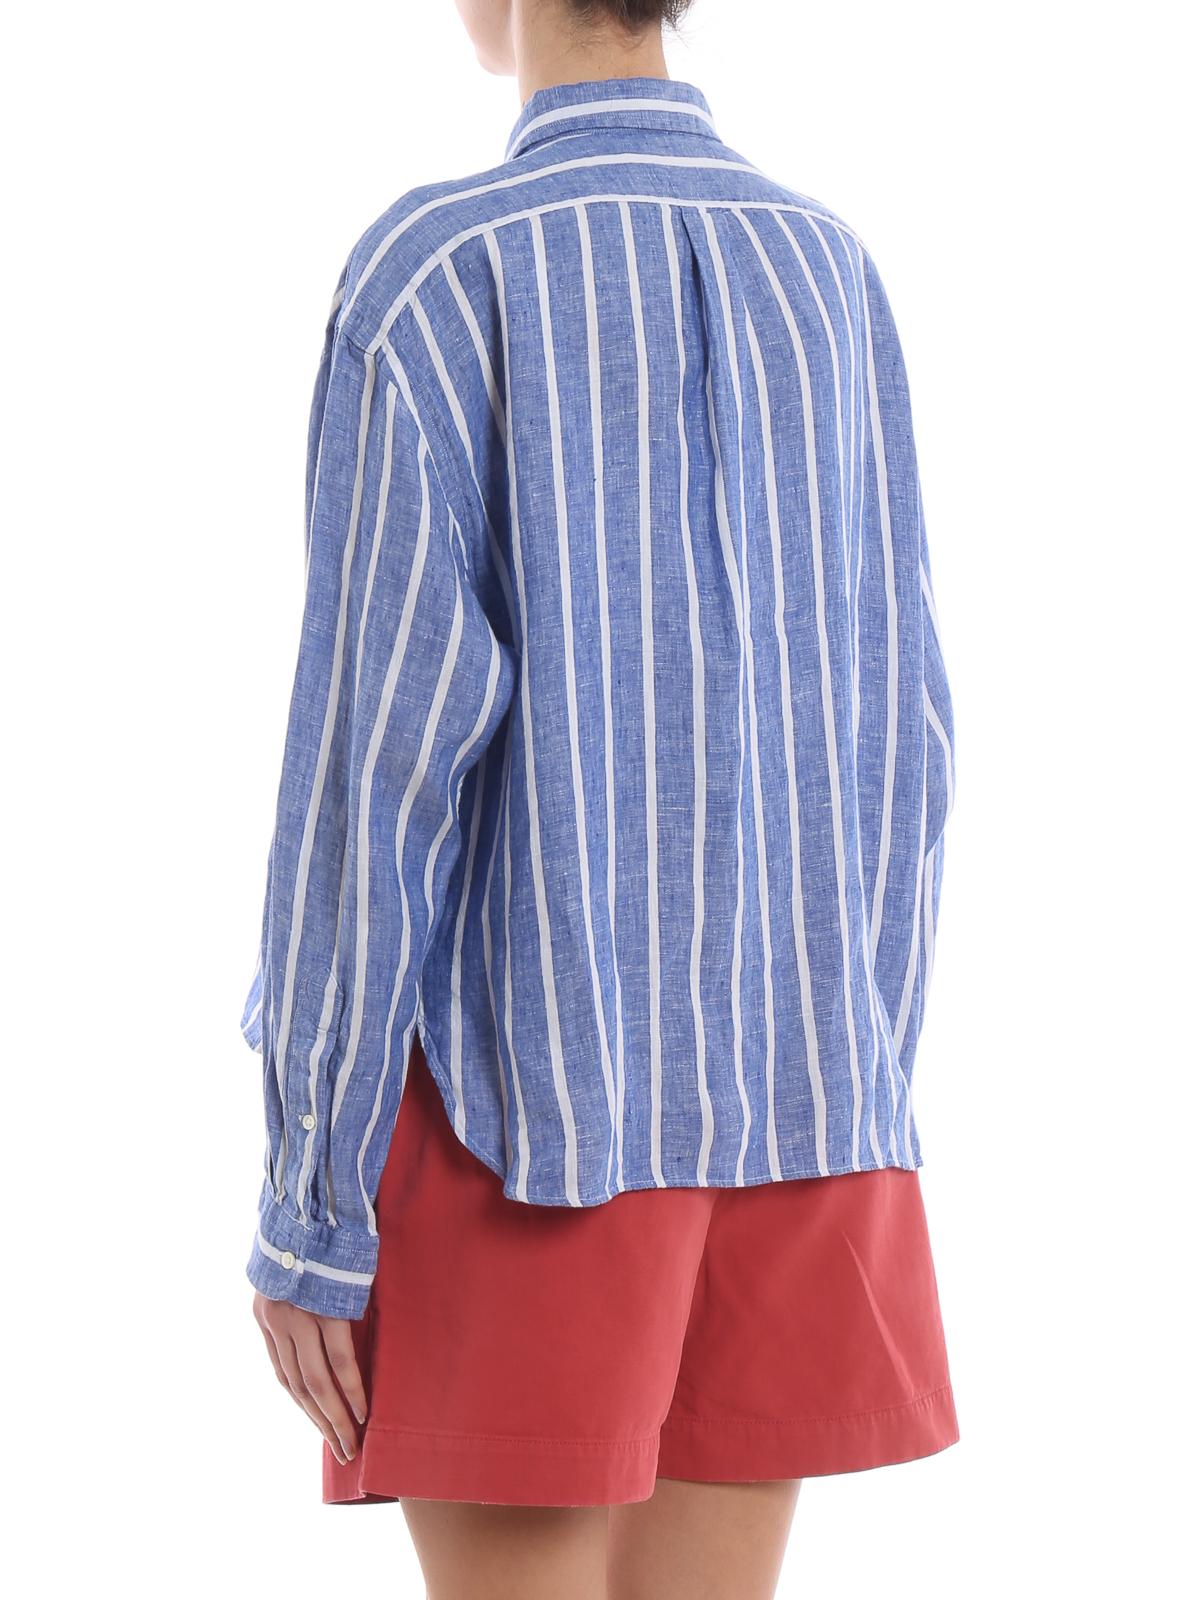 4bee8b85a Polo Ralph Lauren - Sky blue striped linen shirt - shirts - 211732640001